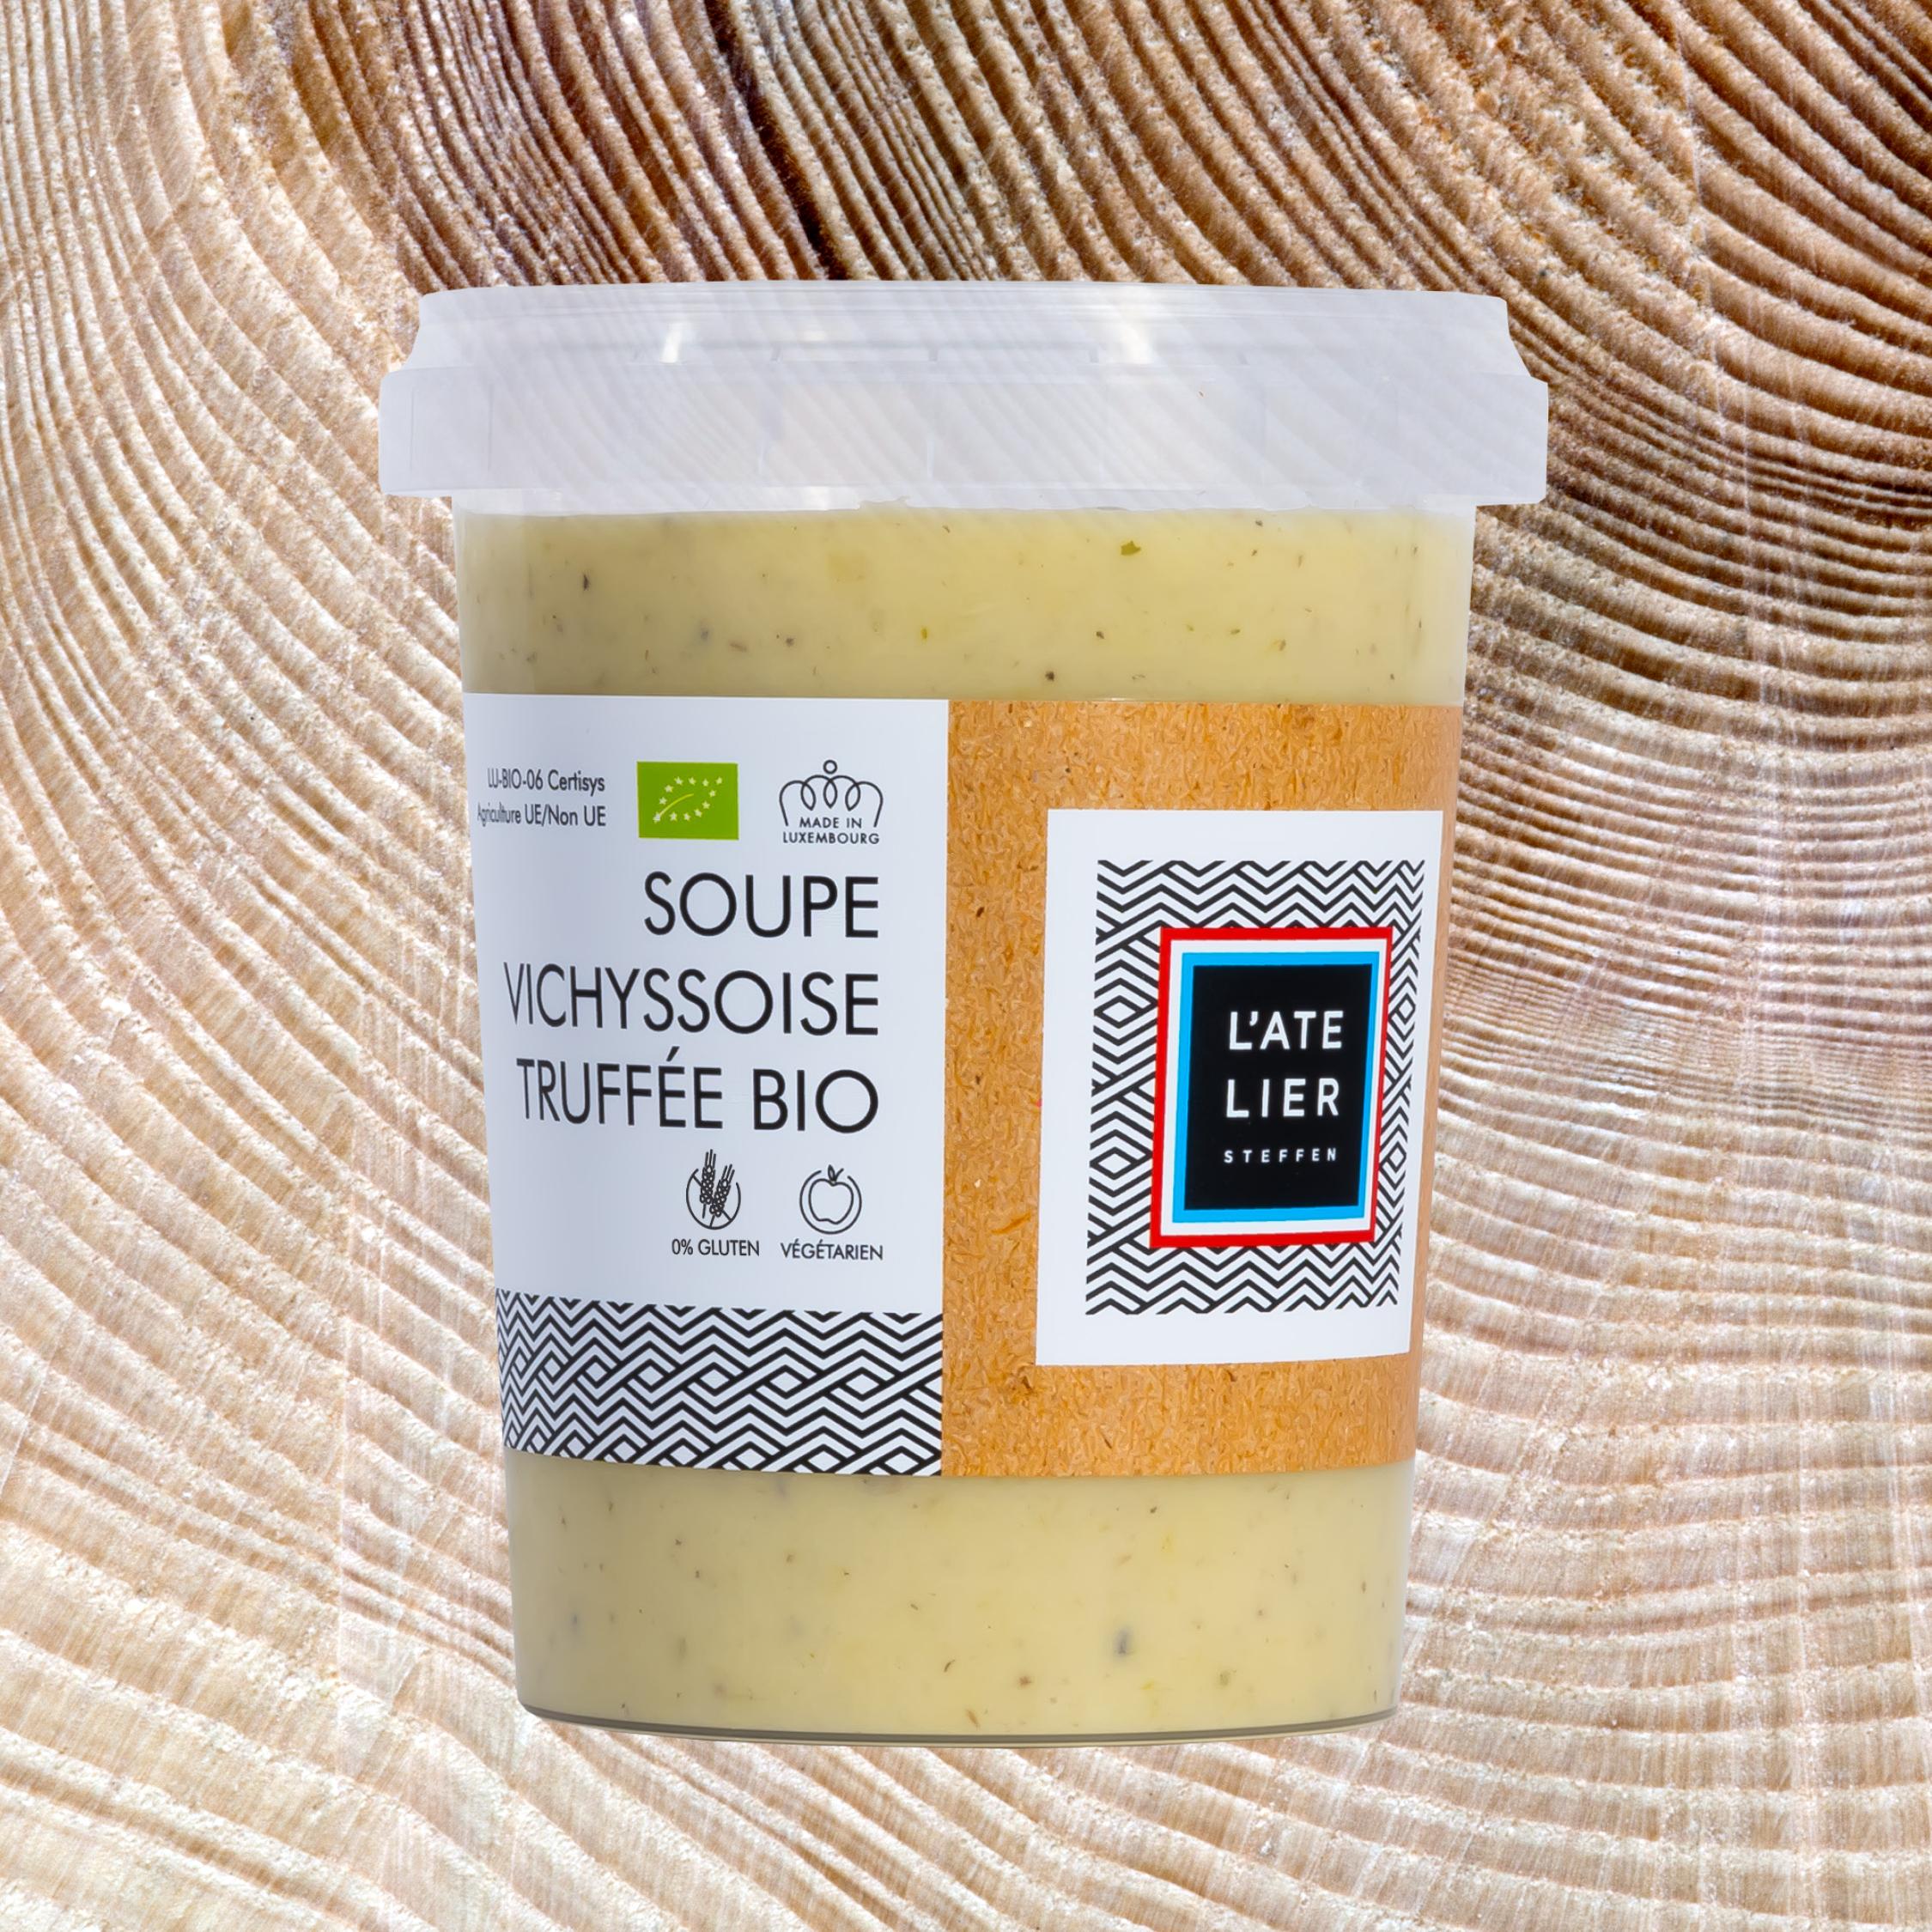 Soupe Vichysoisse truffée BIO